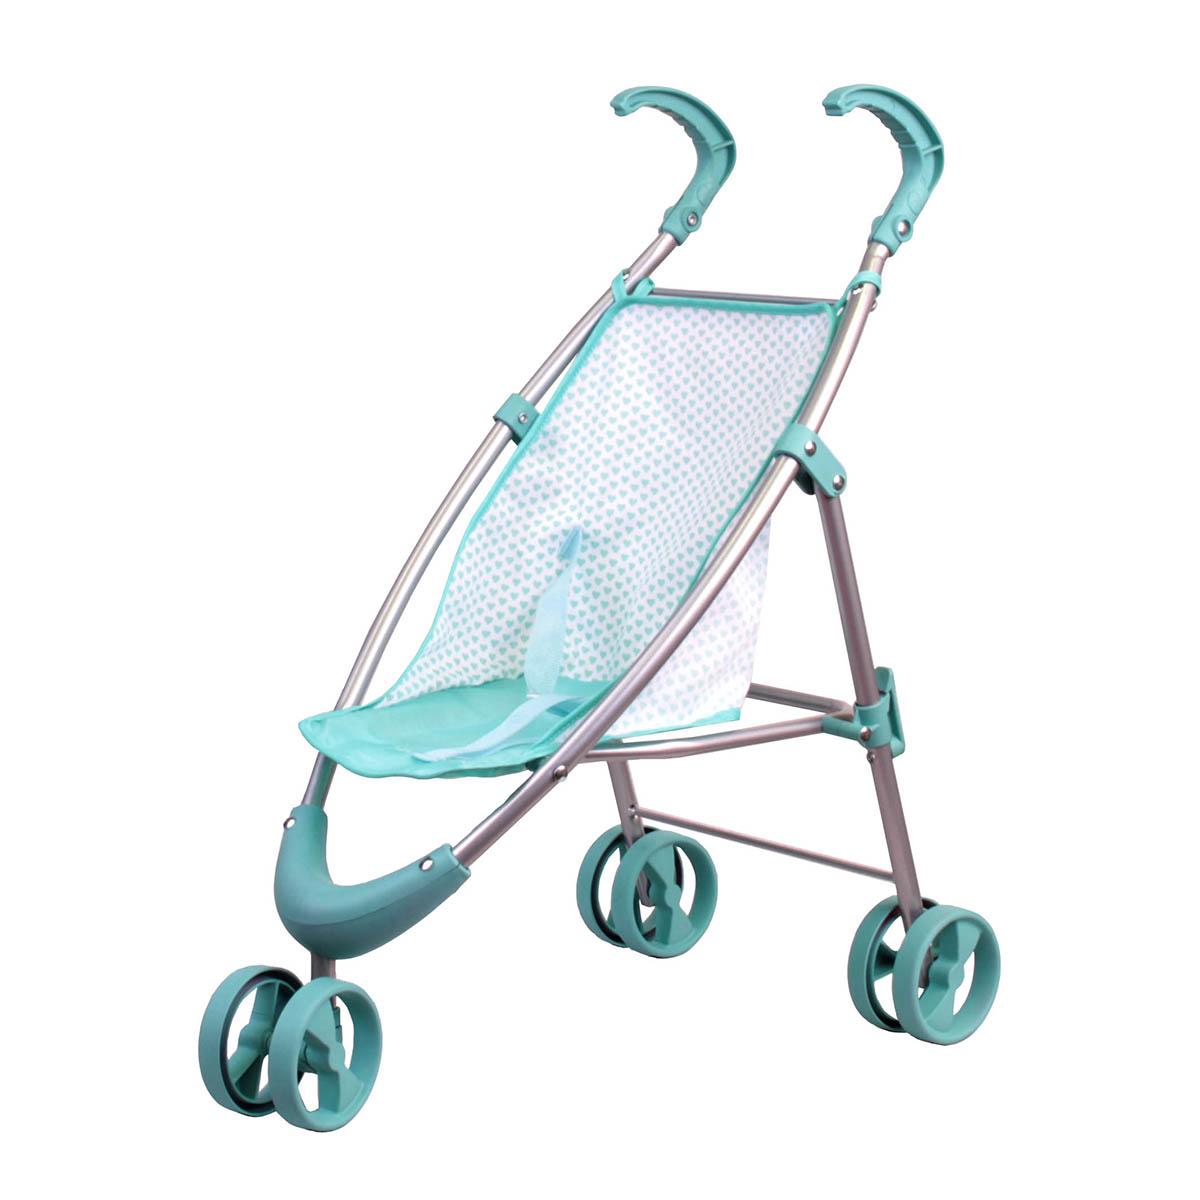 Прогулочная коляска мятнаяКоляски для кукол<br>Прогулочная коляска мятная<br>